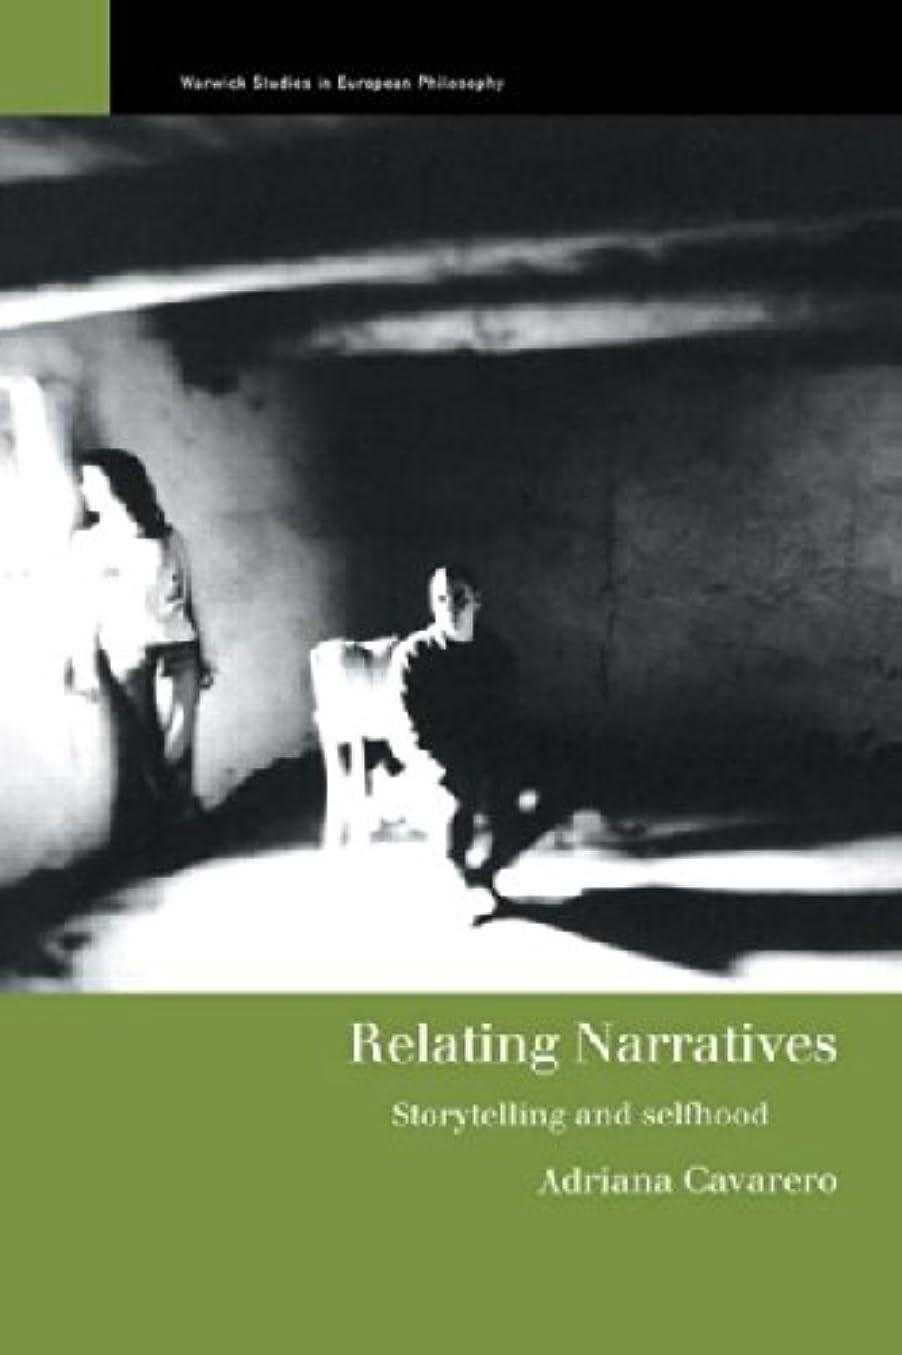 誇張する演じるによってRelating Narratives: Storytelling and Selfhood (Warwick Studies in European Philosophy)